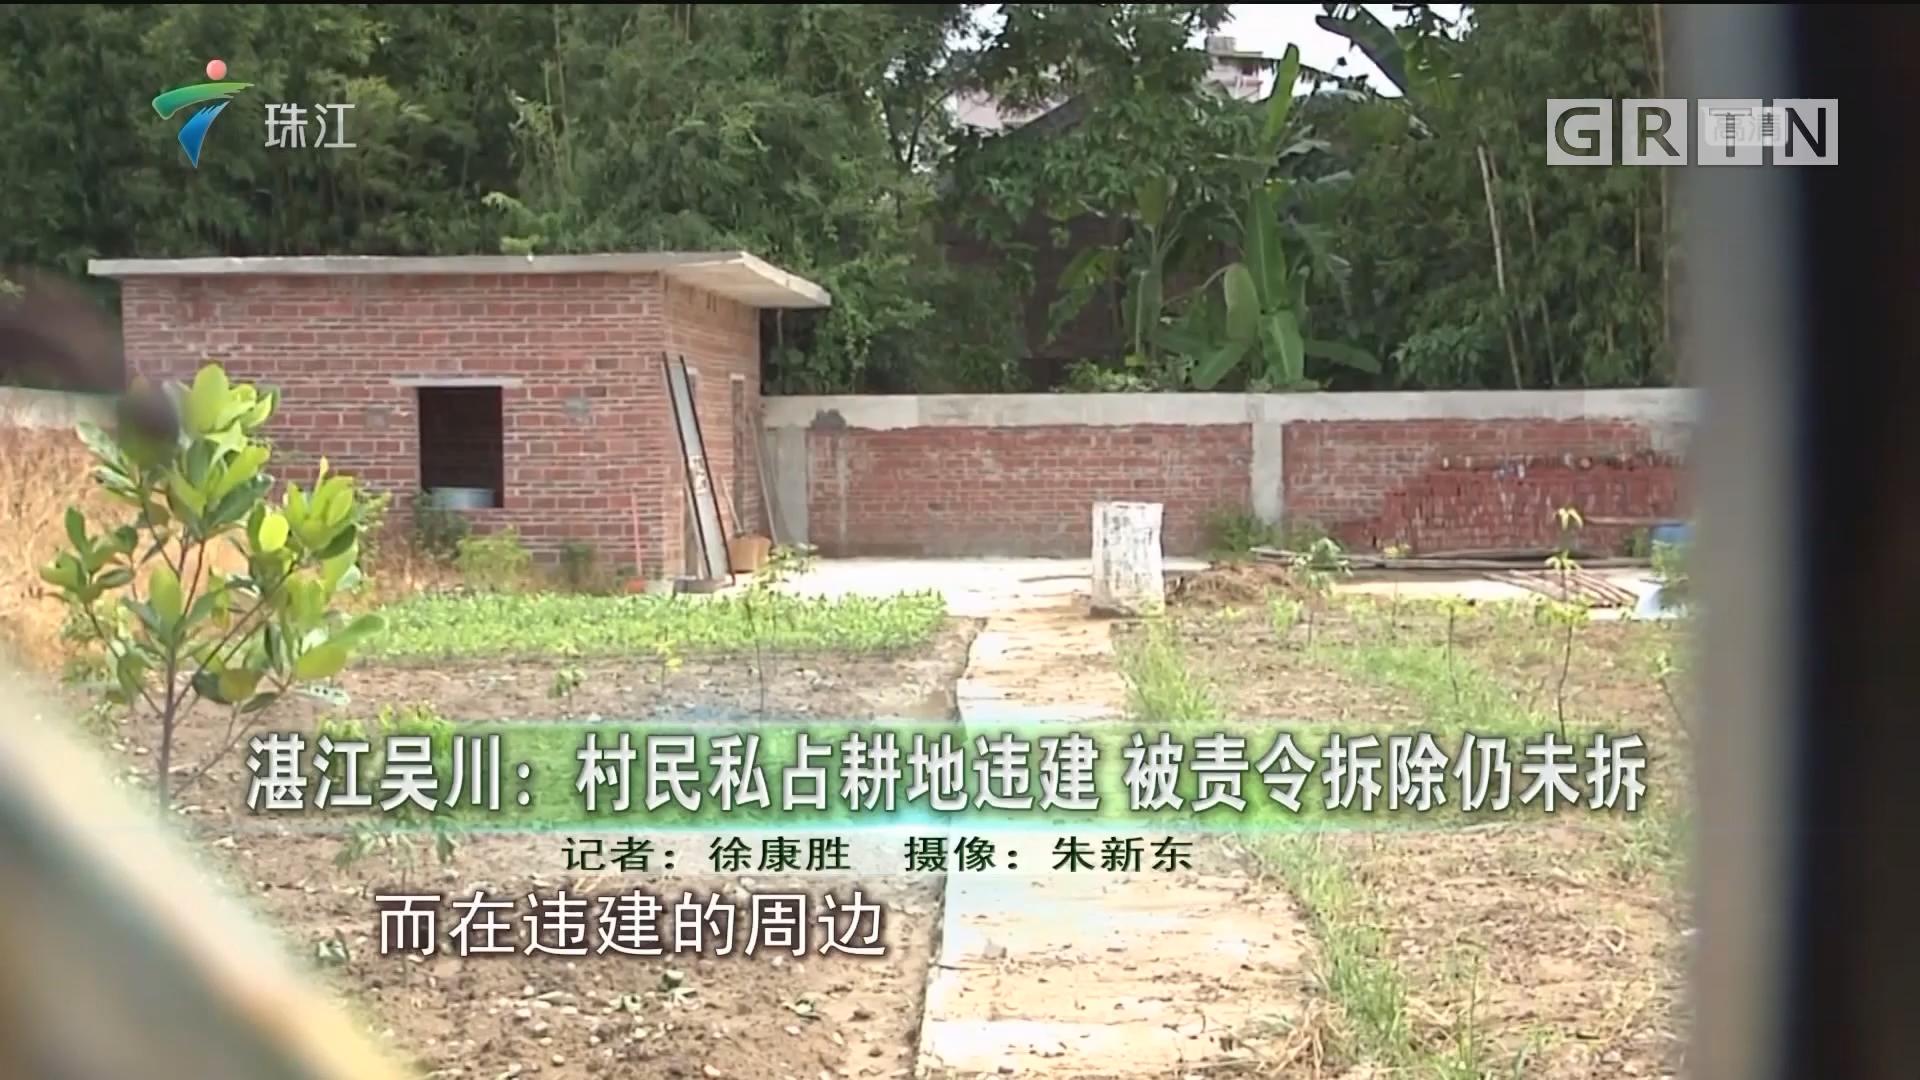 湛江吴川:村民私占耕地违建 被责令拆除仍未拆